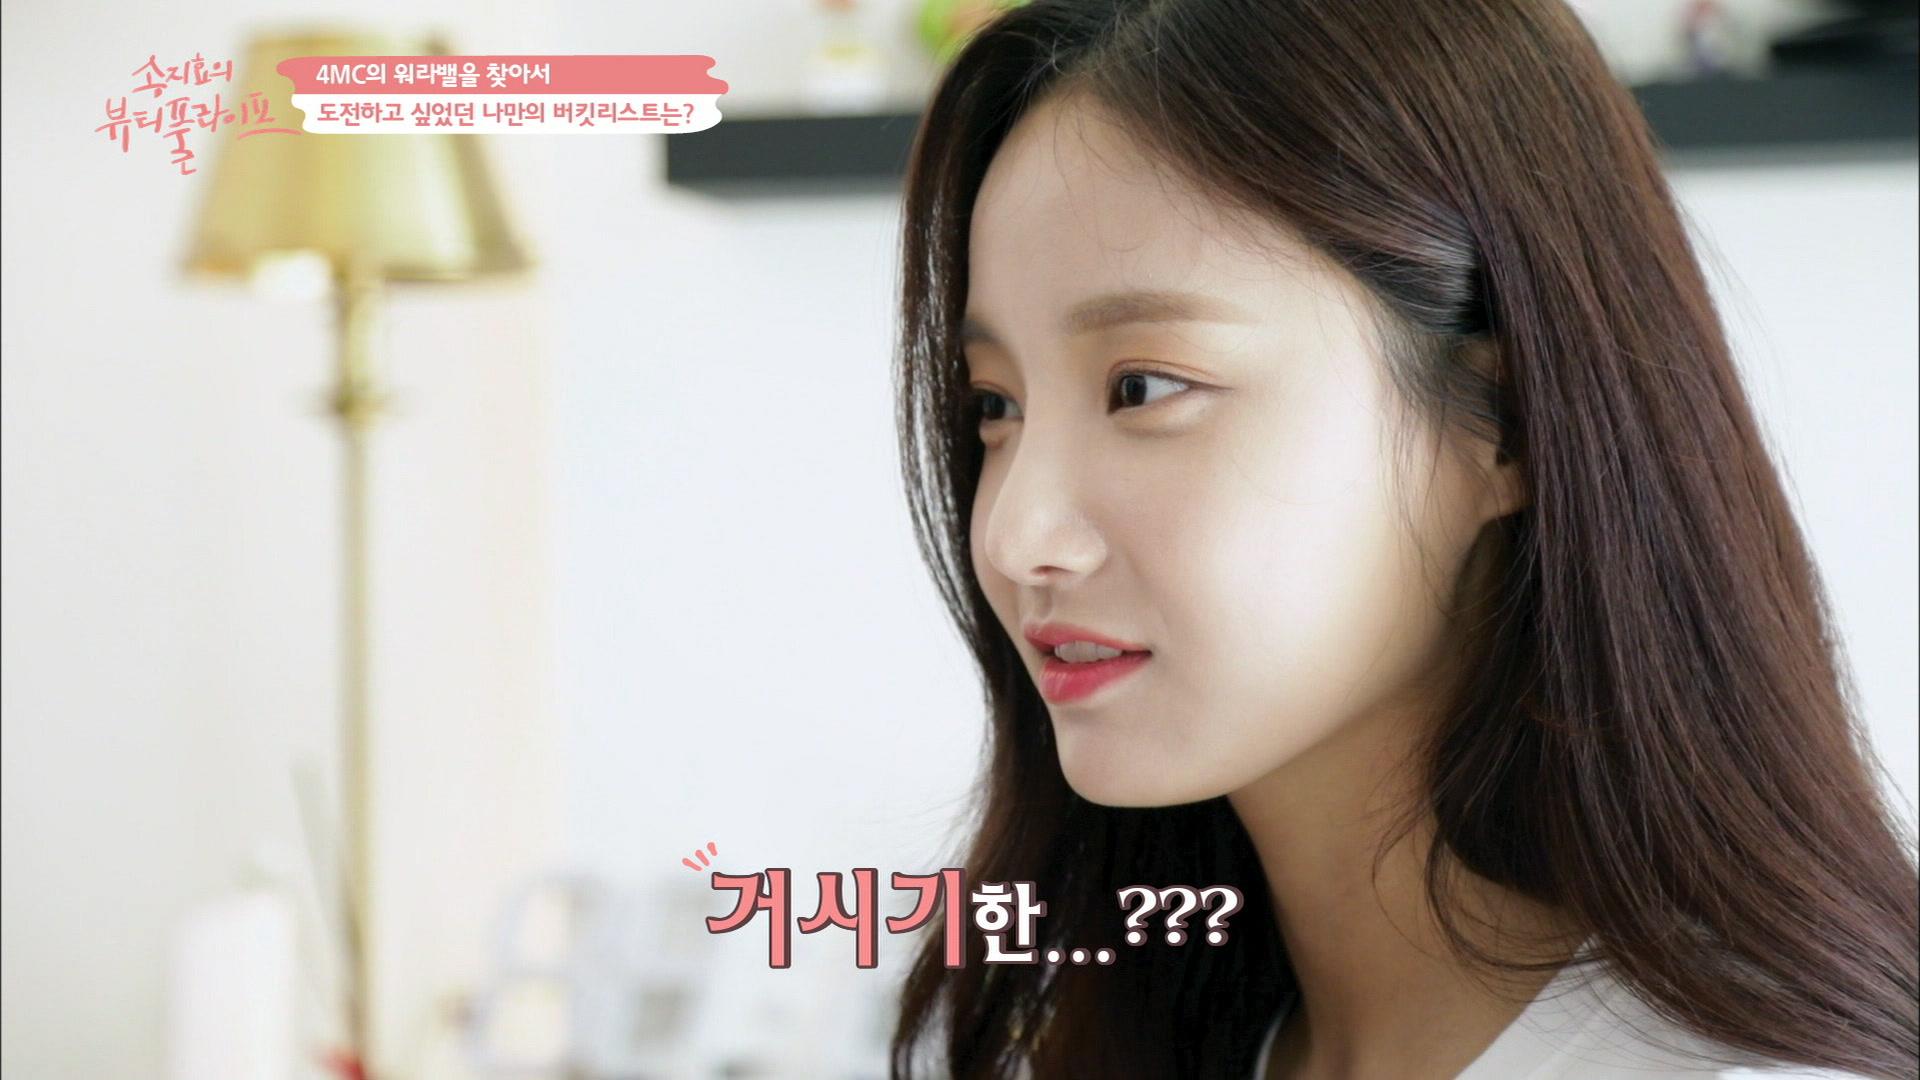 Song Ji Hyo's Beautiful Life Episode 7